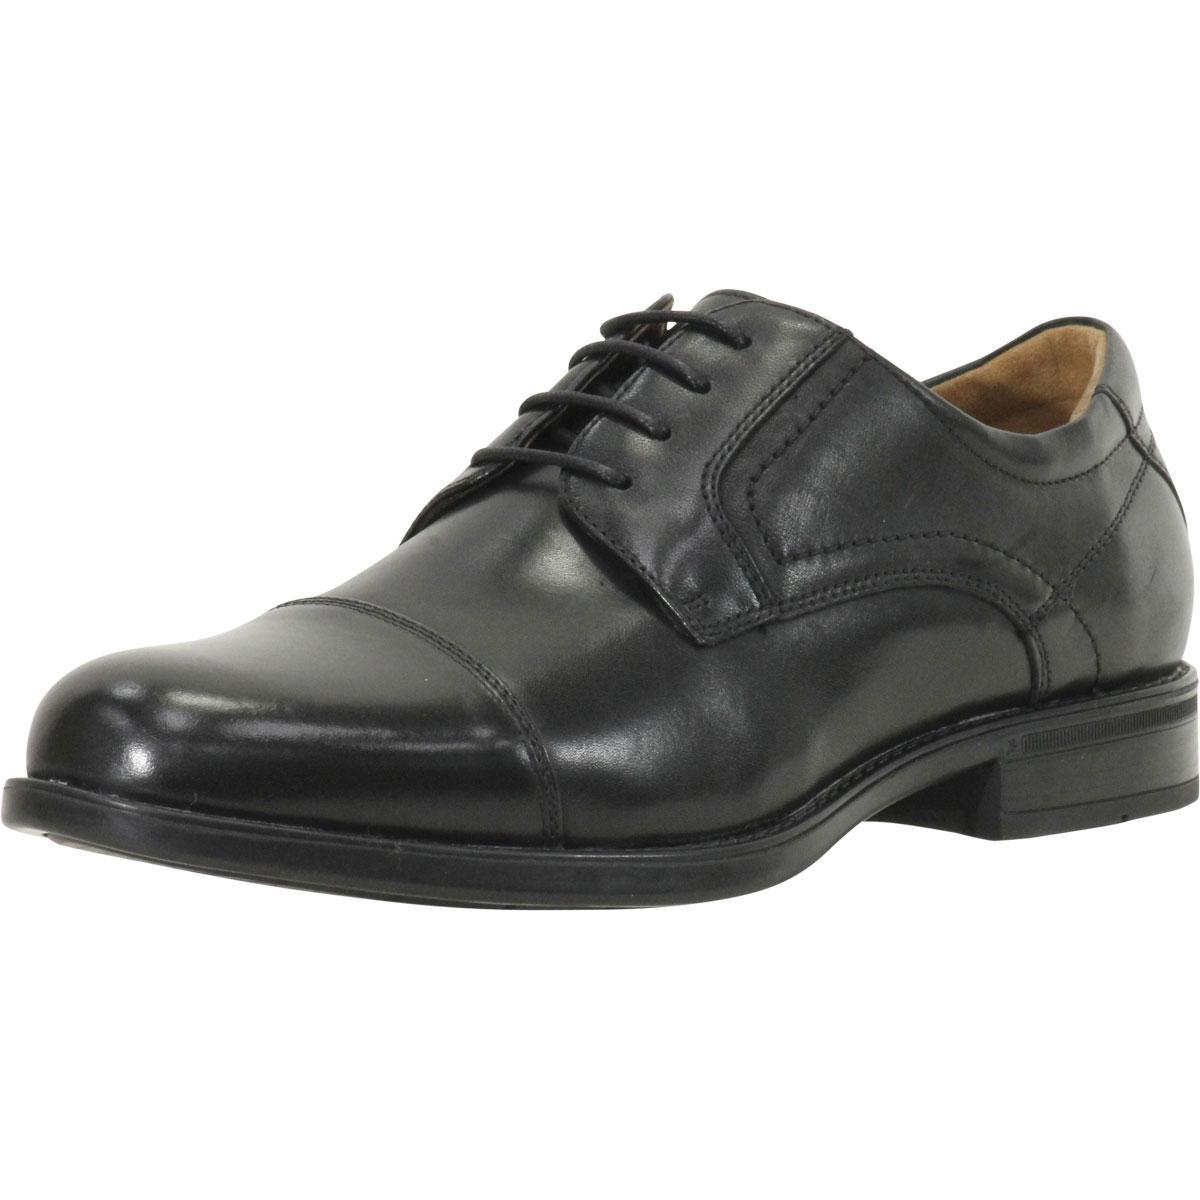 Image of Florsheim Comfortech Men's Midtown Cap Toe Oxfords Shoes - Black - 11 D(M) US